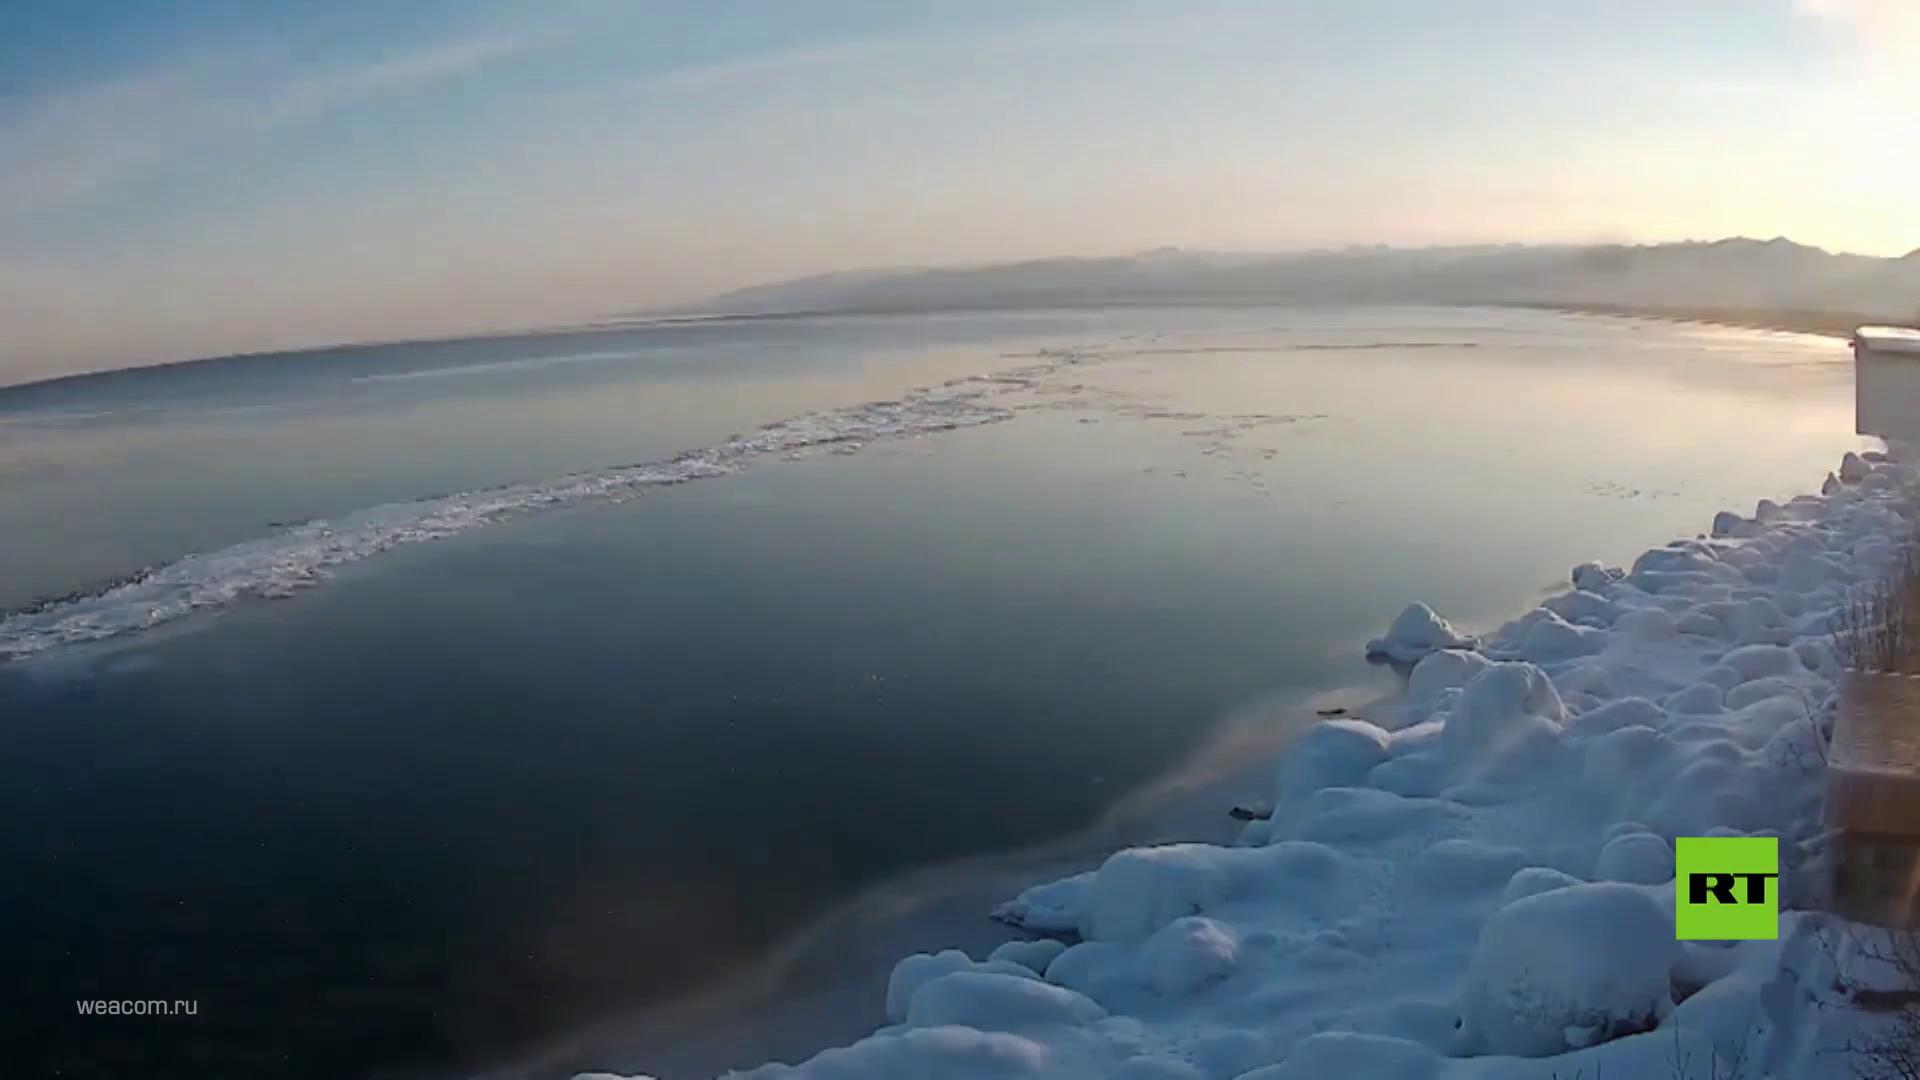 بالتايم لابس.. شاهد كيف تتجمد بحيرة البايكال